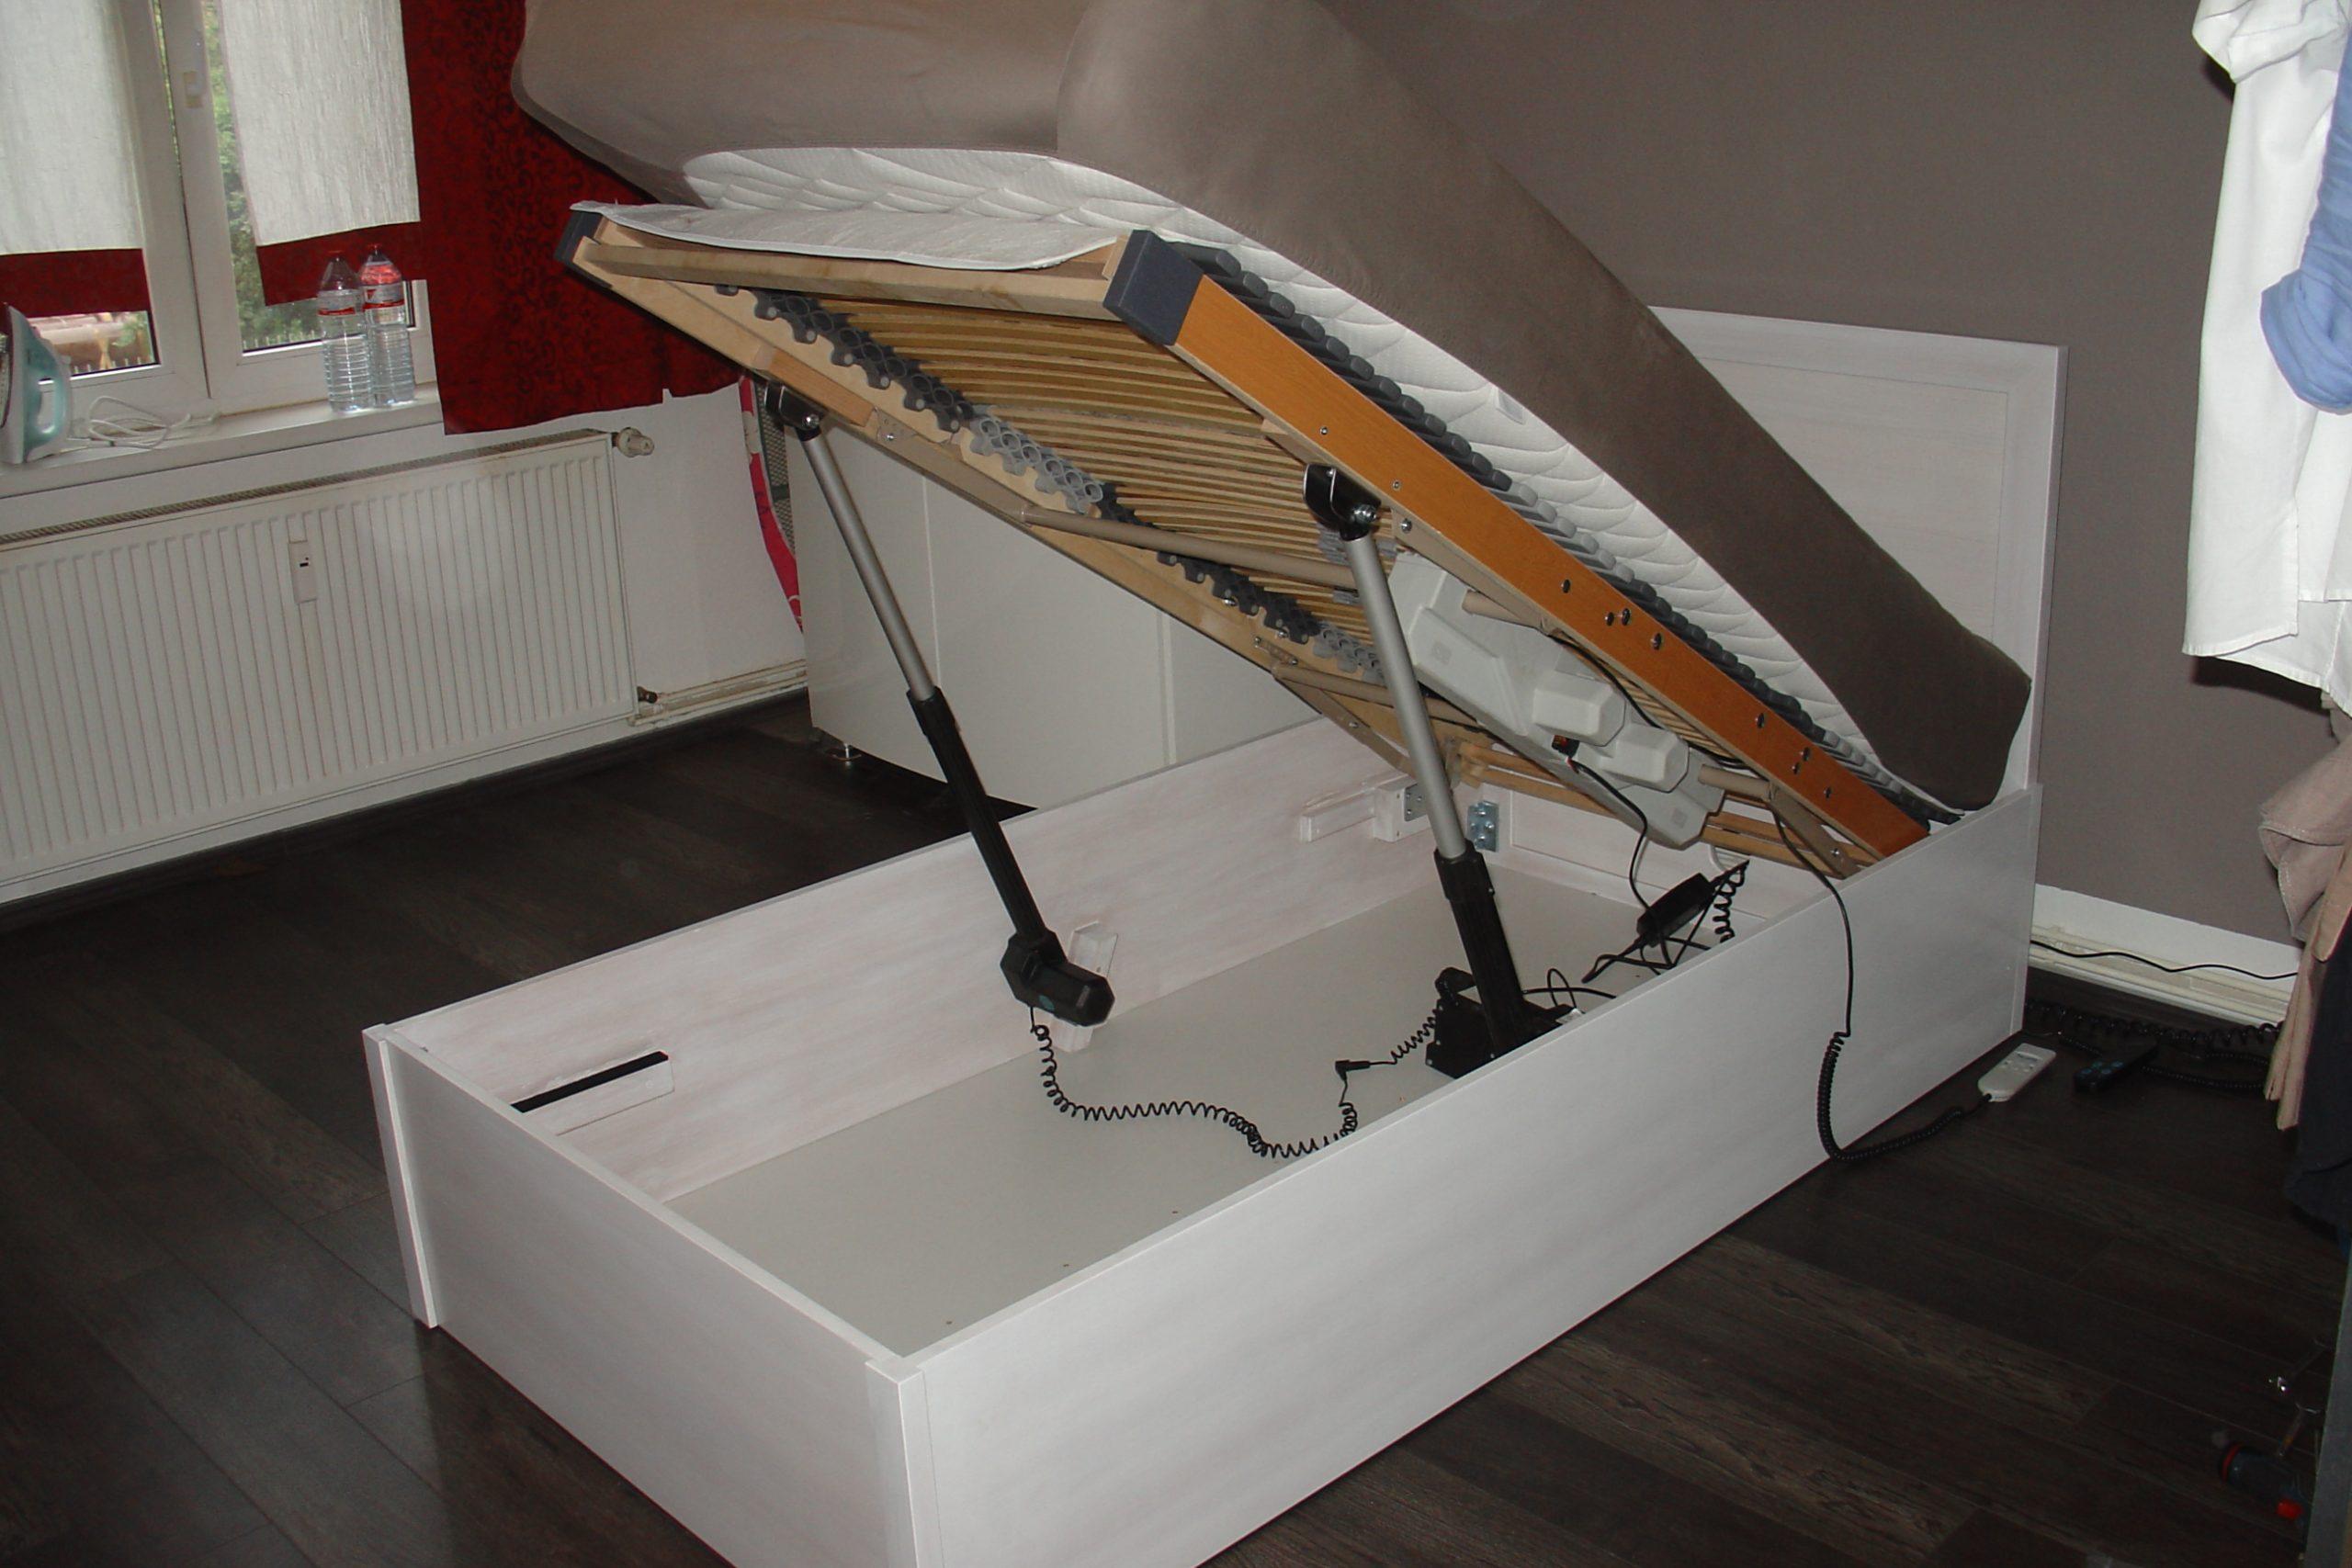 Full Size of Betten Selber Bauen Bett Mit Hubmotoren Manchmal Habe Ich Gar Nicht So Dumme Ideen Landhausstil 200x220 Bonprix Boxspring Luxus Ausgefallene 140x200 90x200 Wohnzimmer Betten Selber Bauen